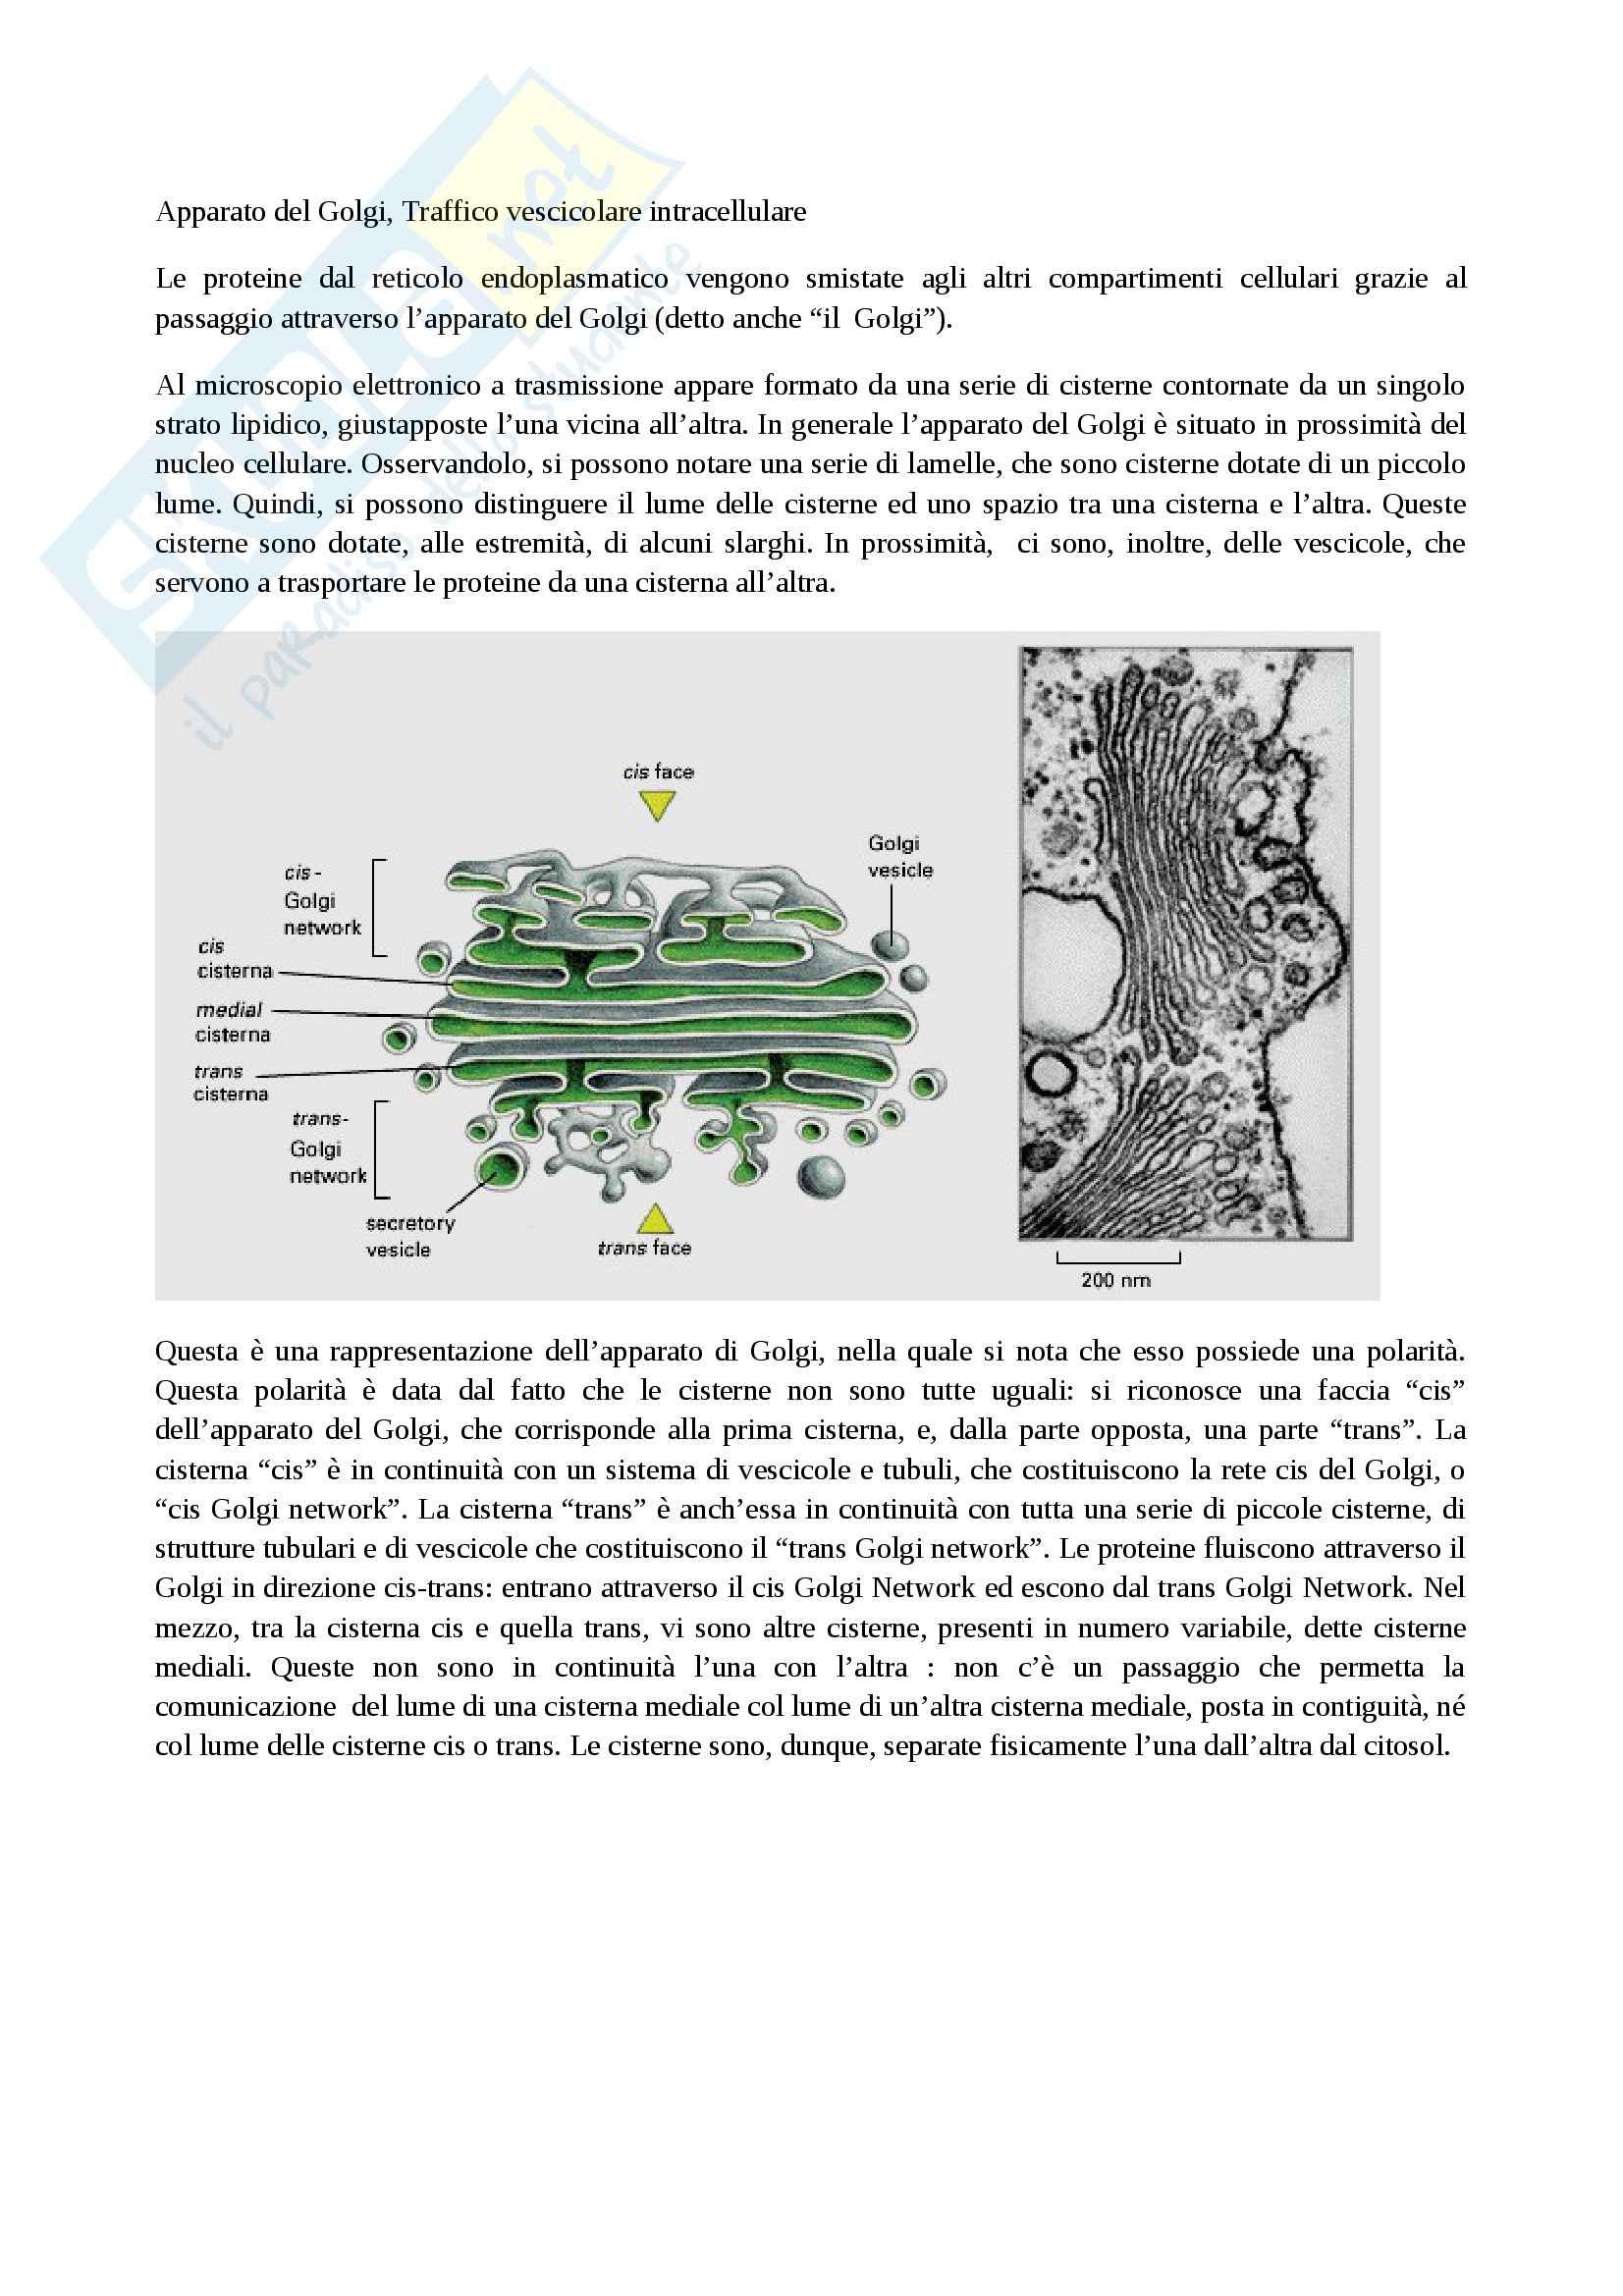 Citologia - apparato del Golgi e vescicole di trasporto transmembrana